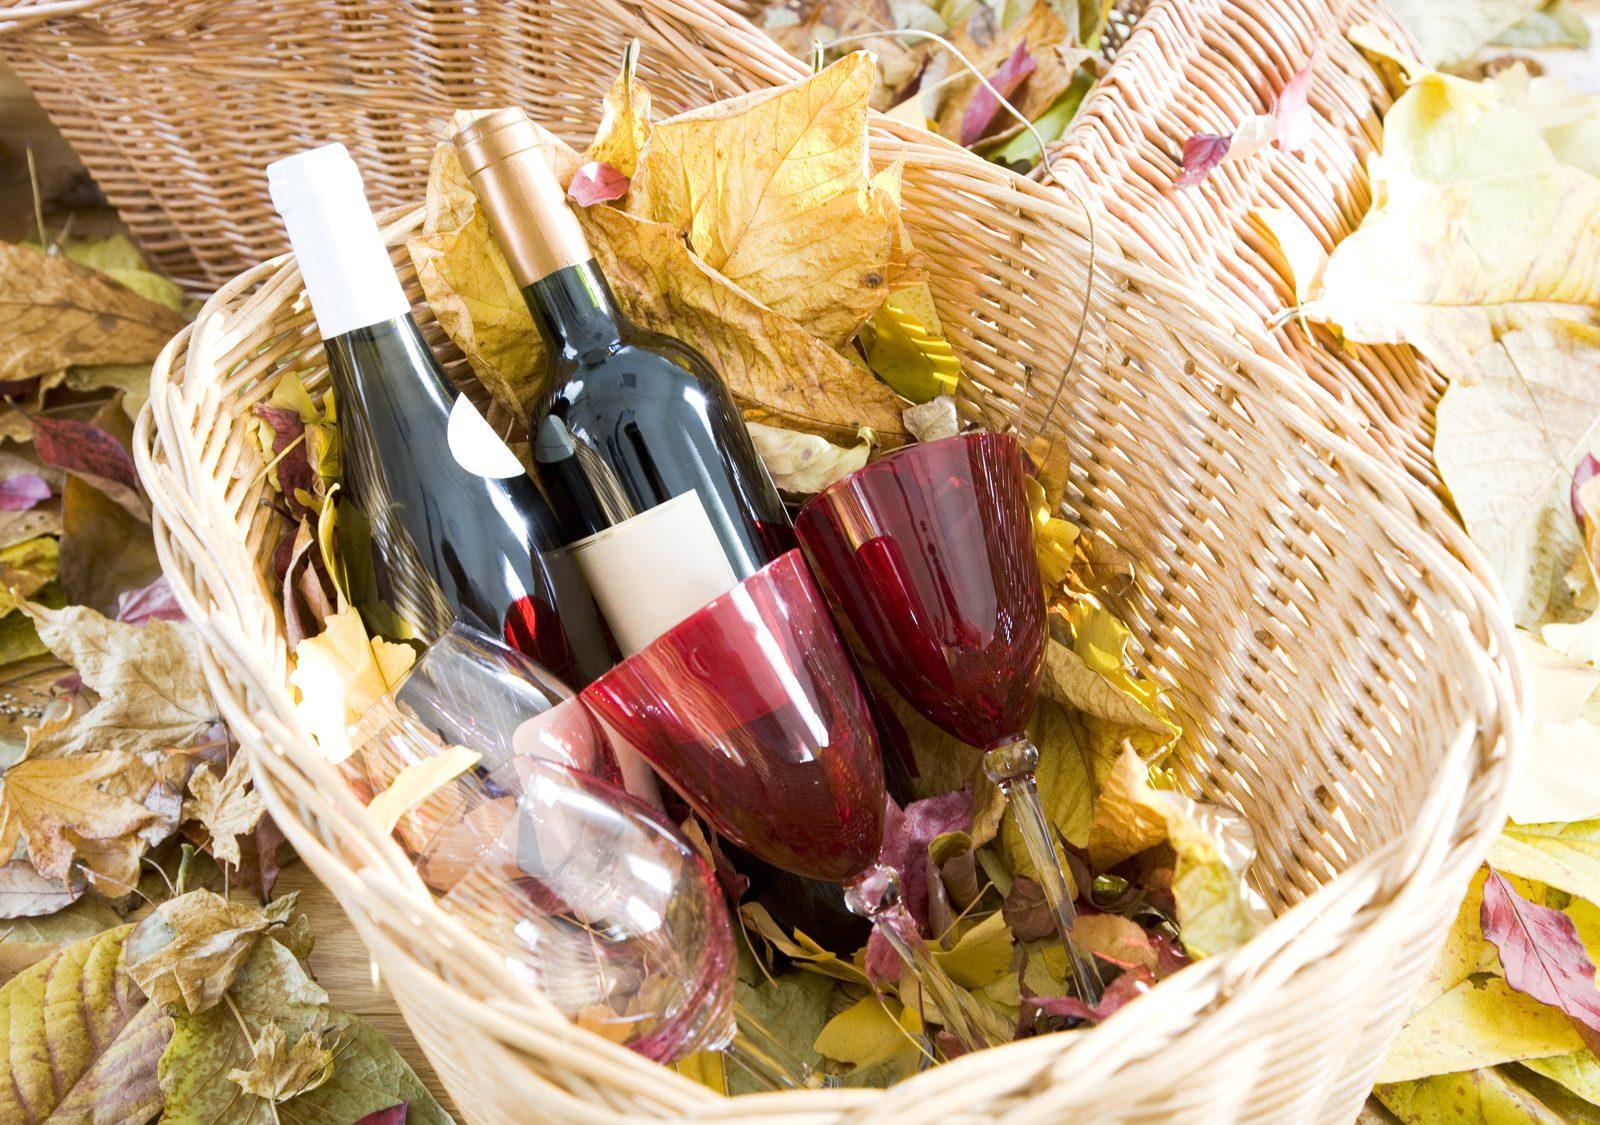 僕なら手土産ワインはコレにする。お店でもガチ人気の1000円台赤&白【シェフ選定】